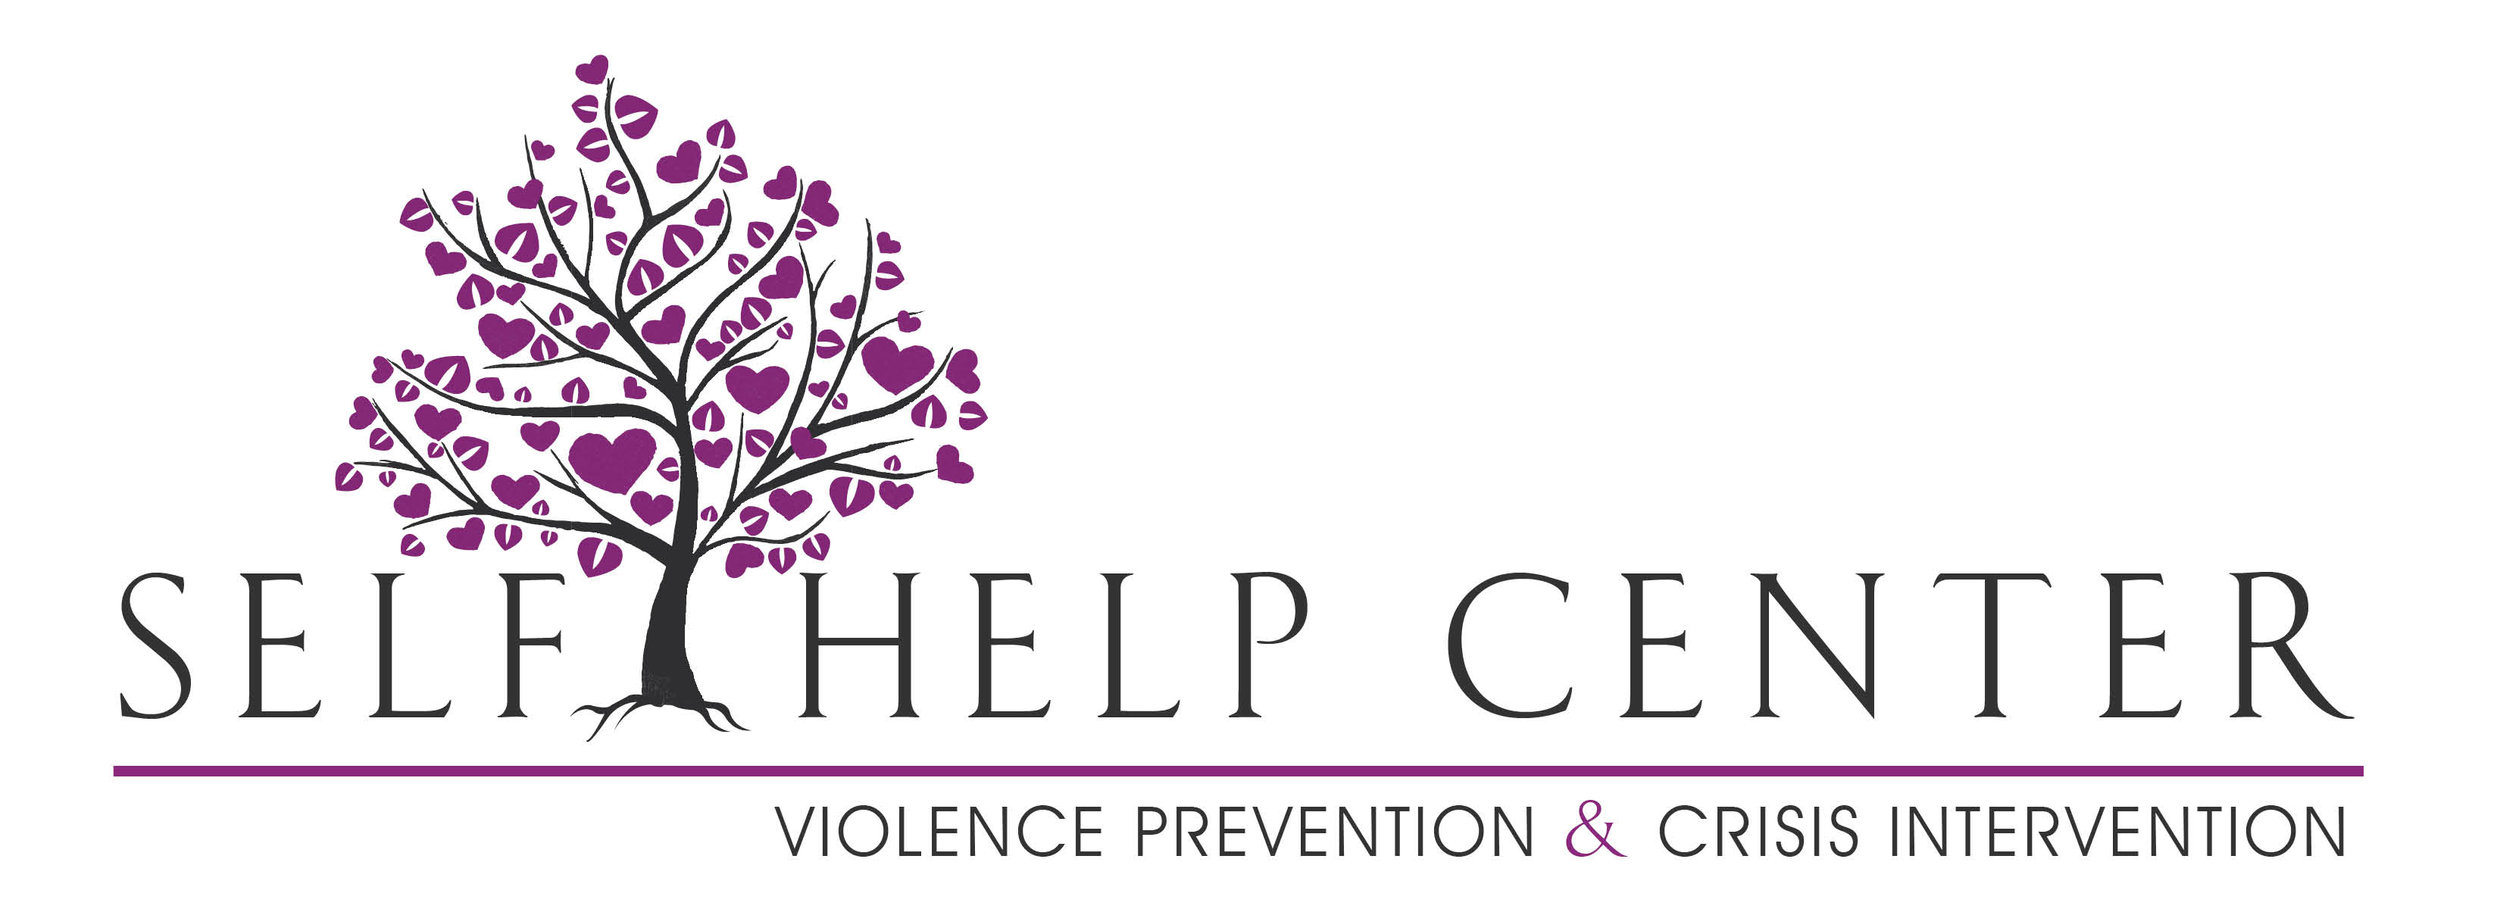 Self Help Center   740 Luker Ln Evansville, WY 82636  307-235-2814   www.shccasper.com